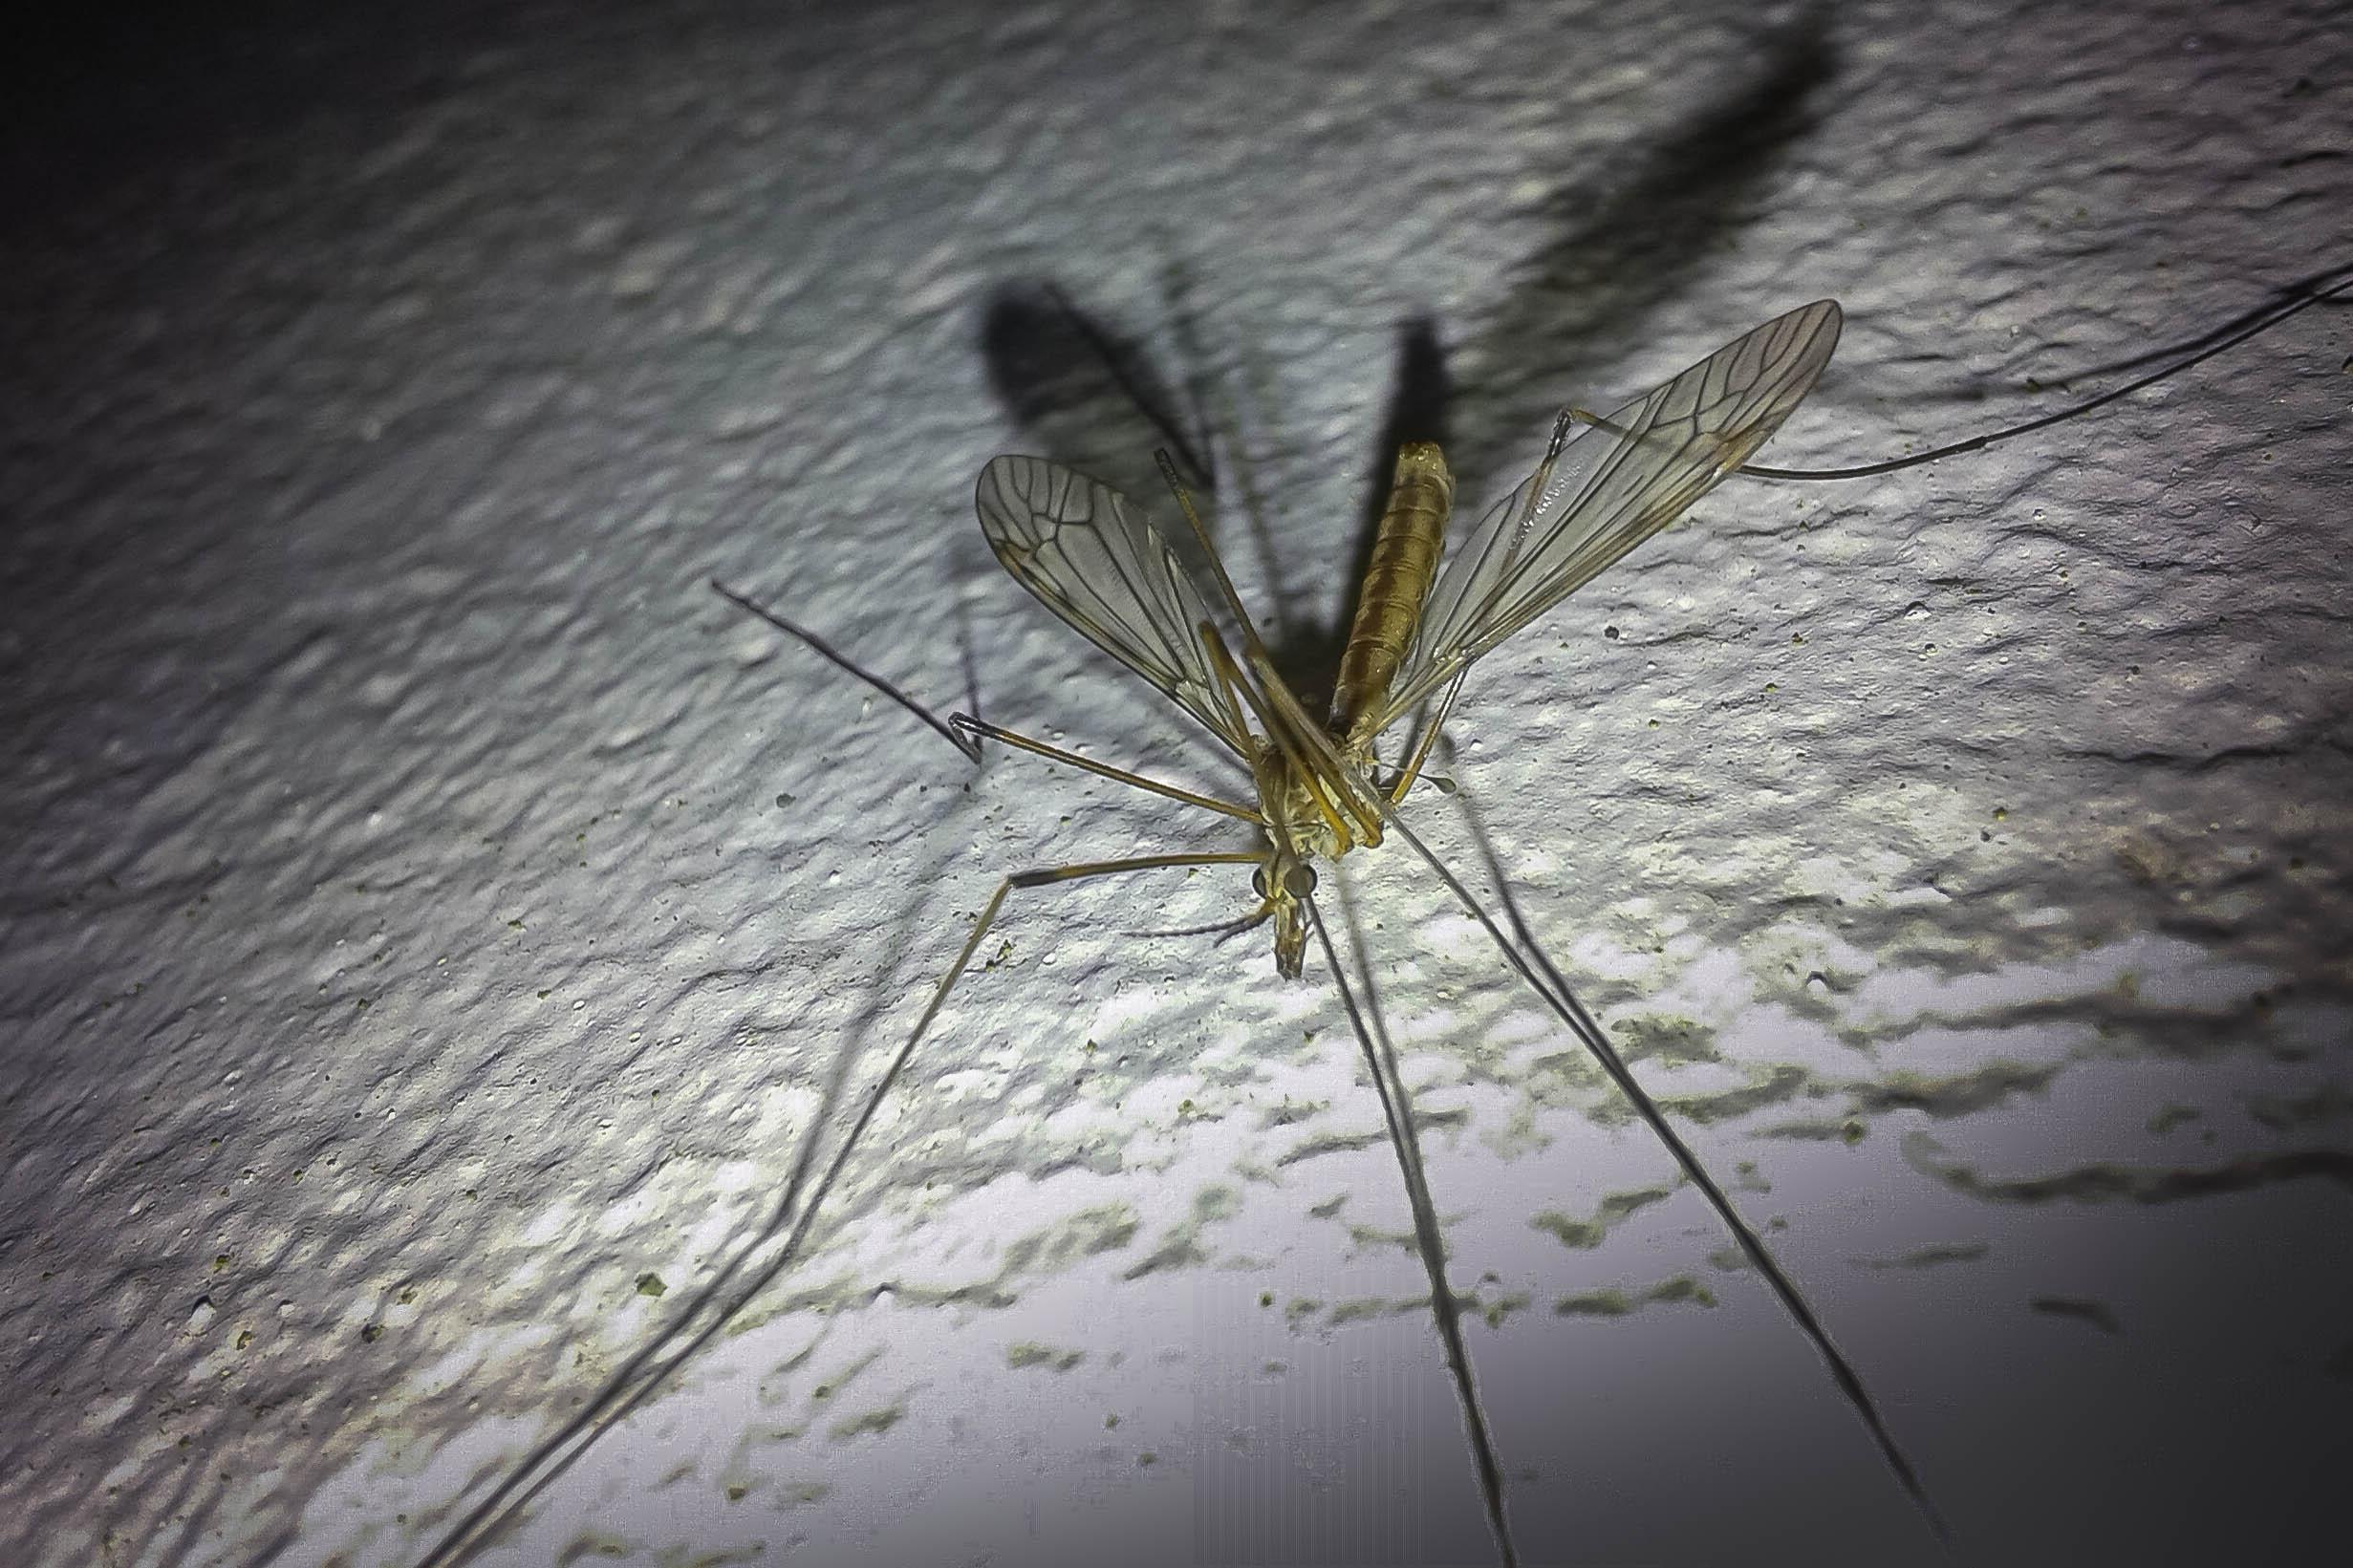 Mosquito gigante 21119270743_274bb4a211_o